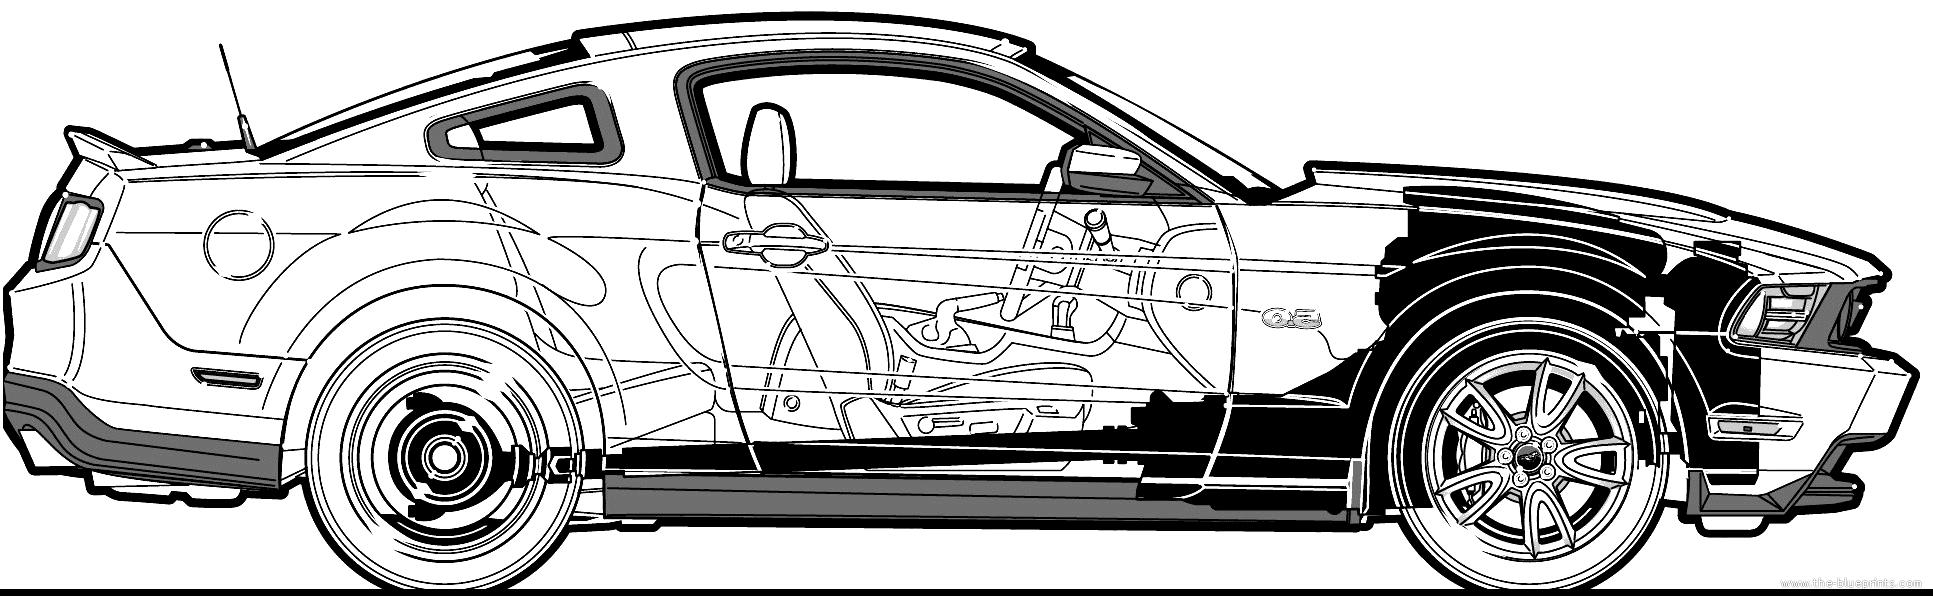 Скачать чертежи автомобилей ford